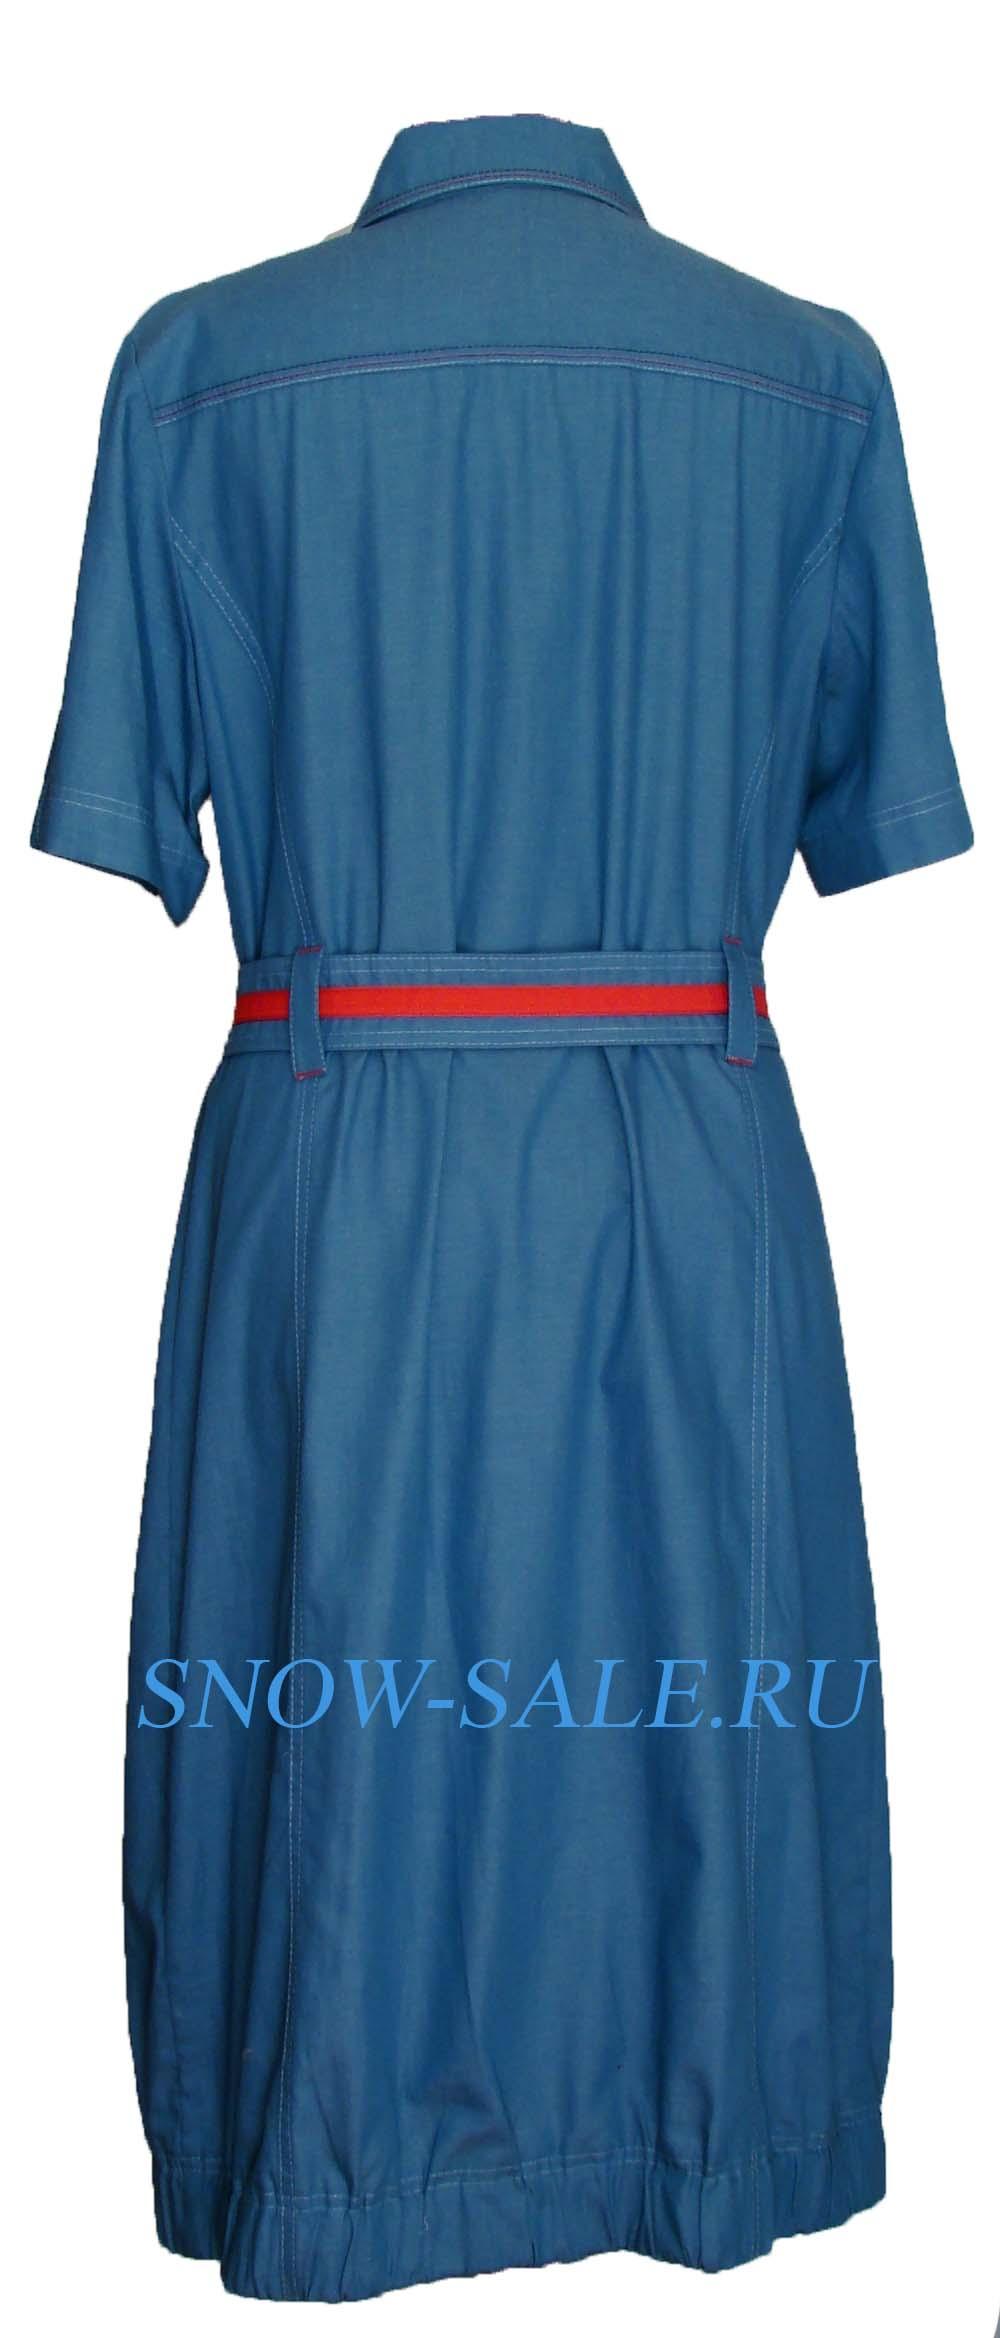 Красивые платья белорусских производителей 4